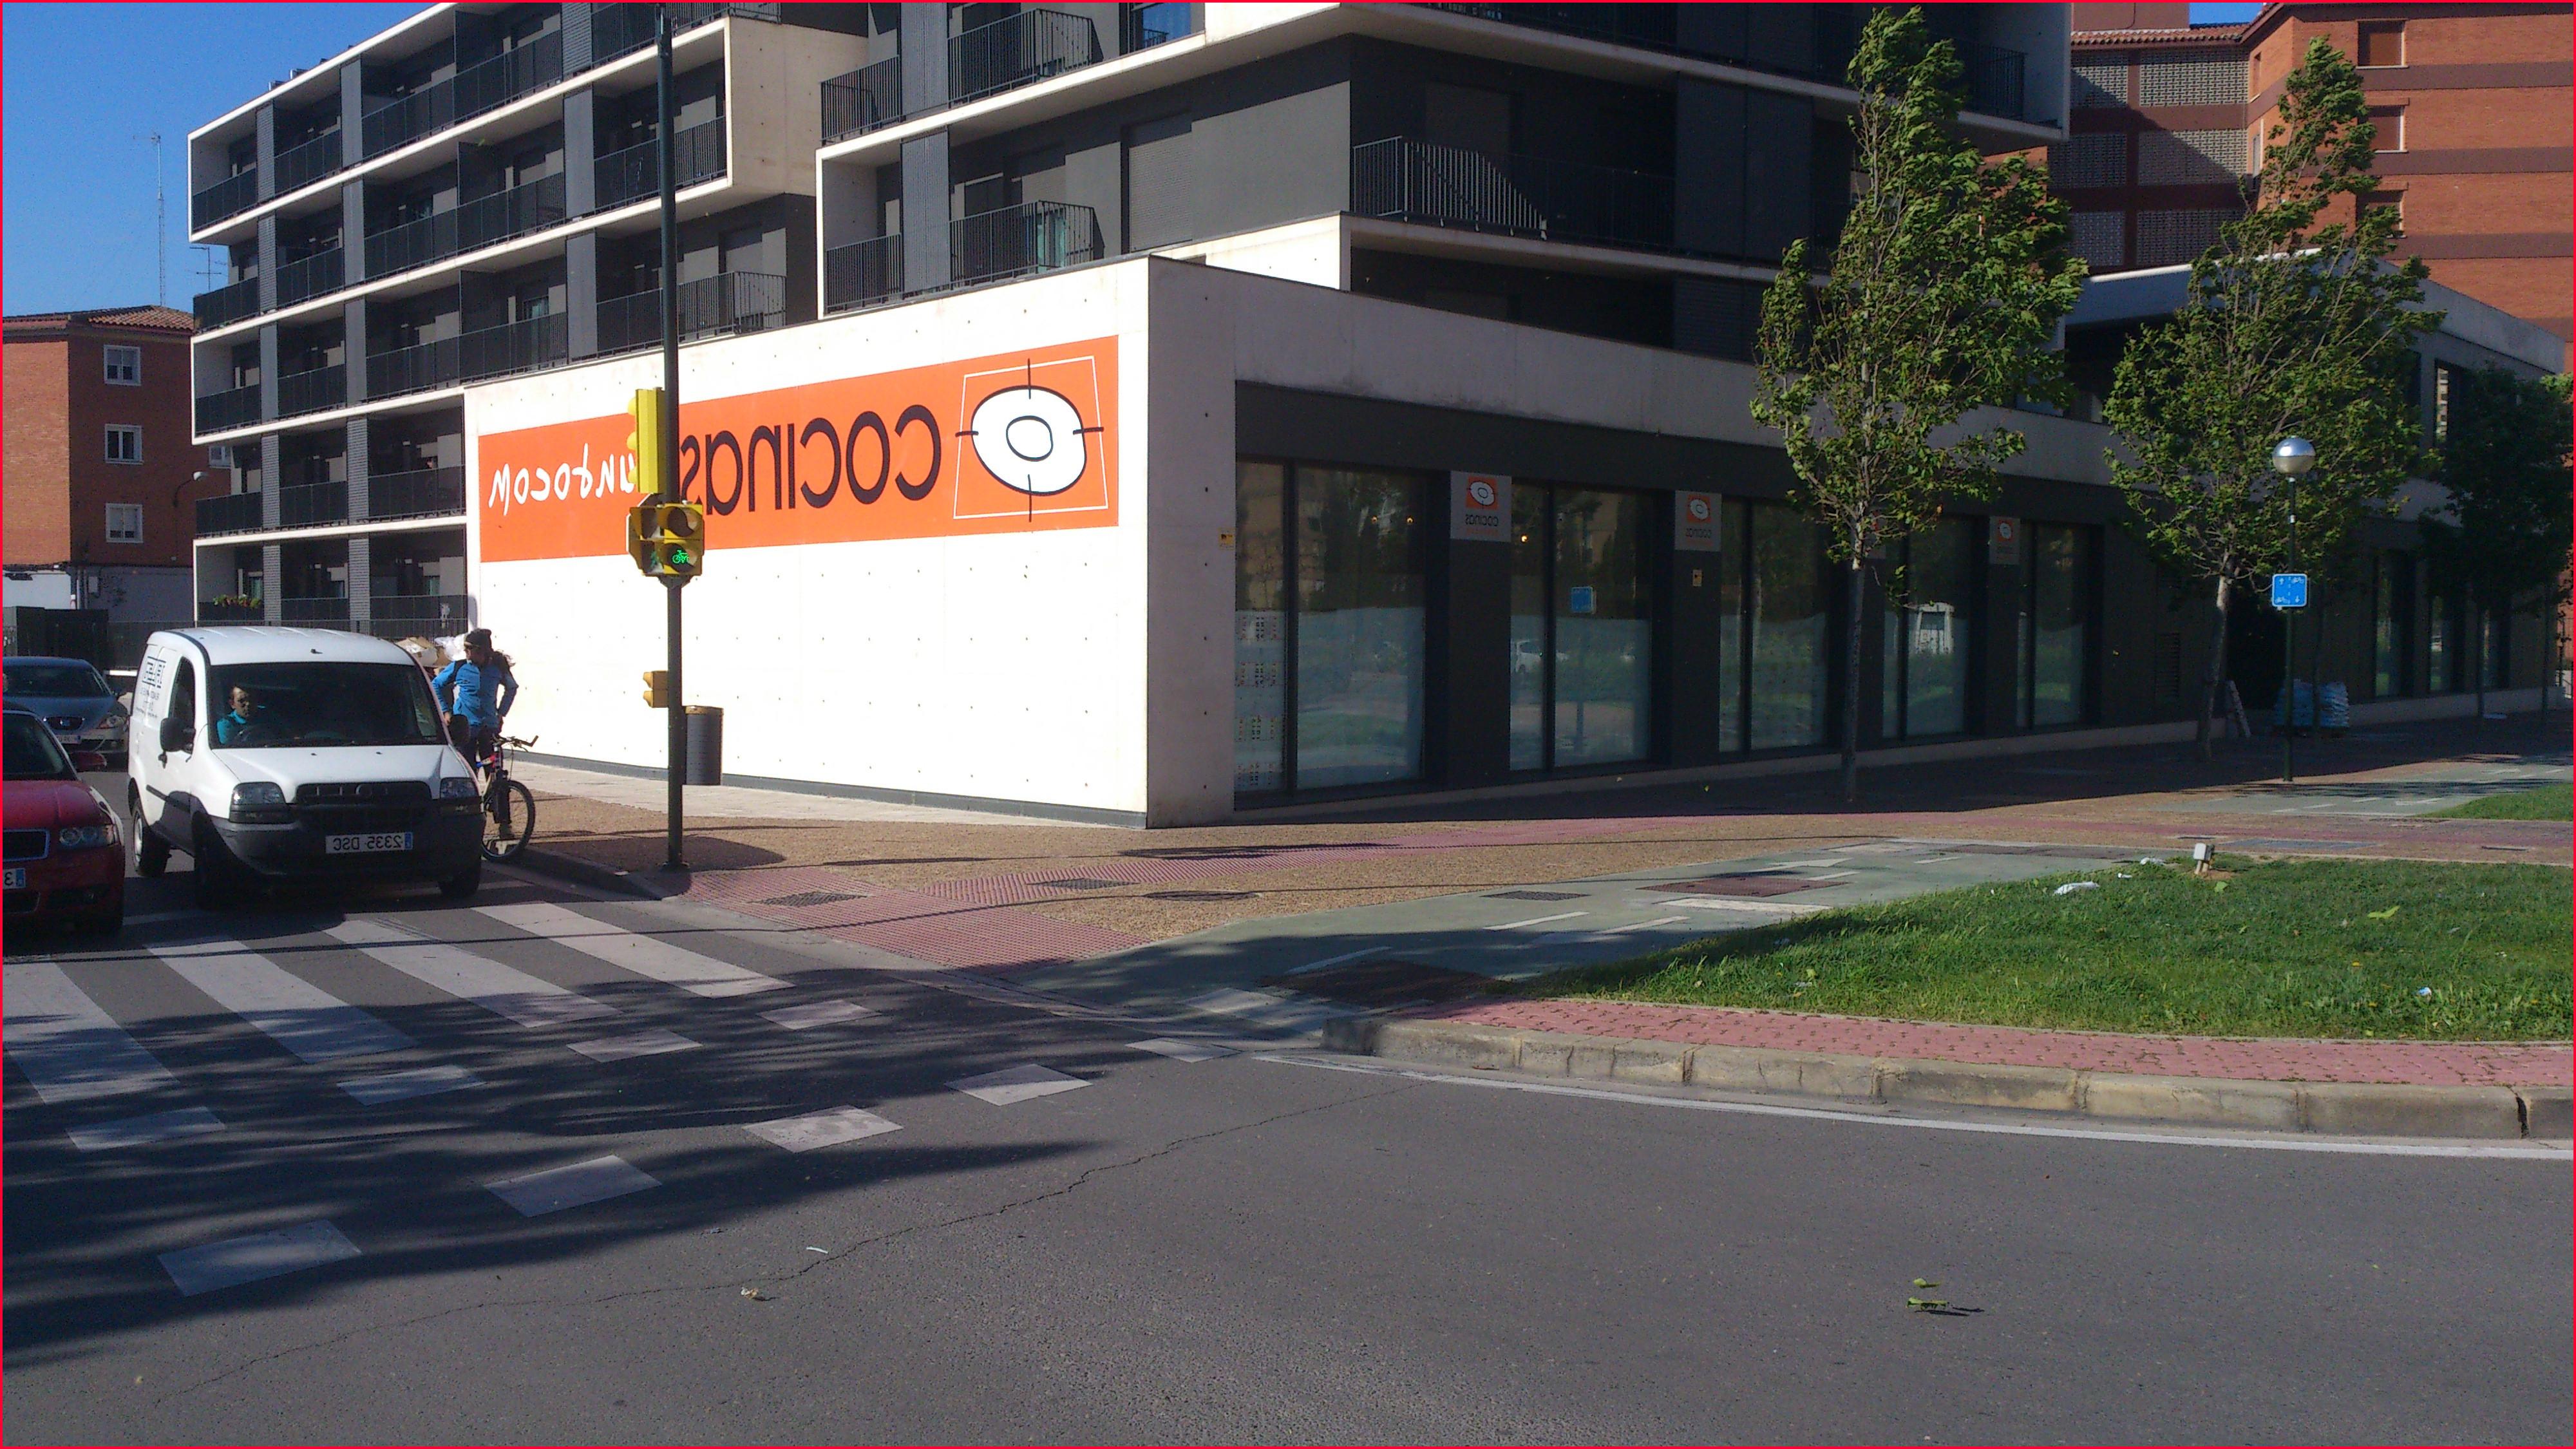 Tiendas De Muebles En Zaragoza Tqd3 Tiendas De Muebles Zaragoza Gran InauguraciN Tienda Cocinas